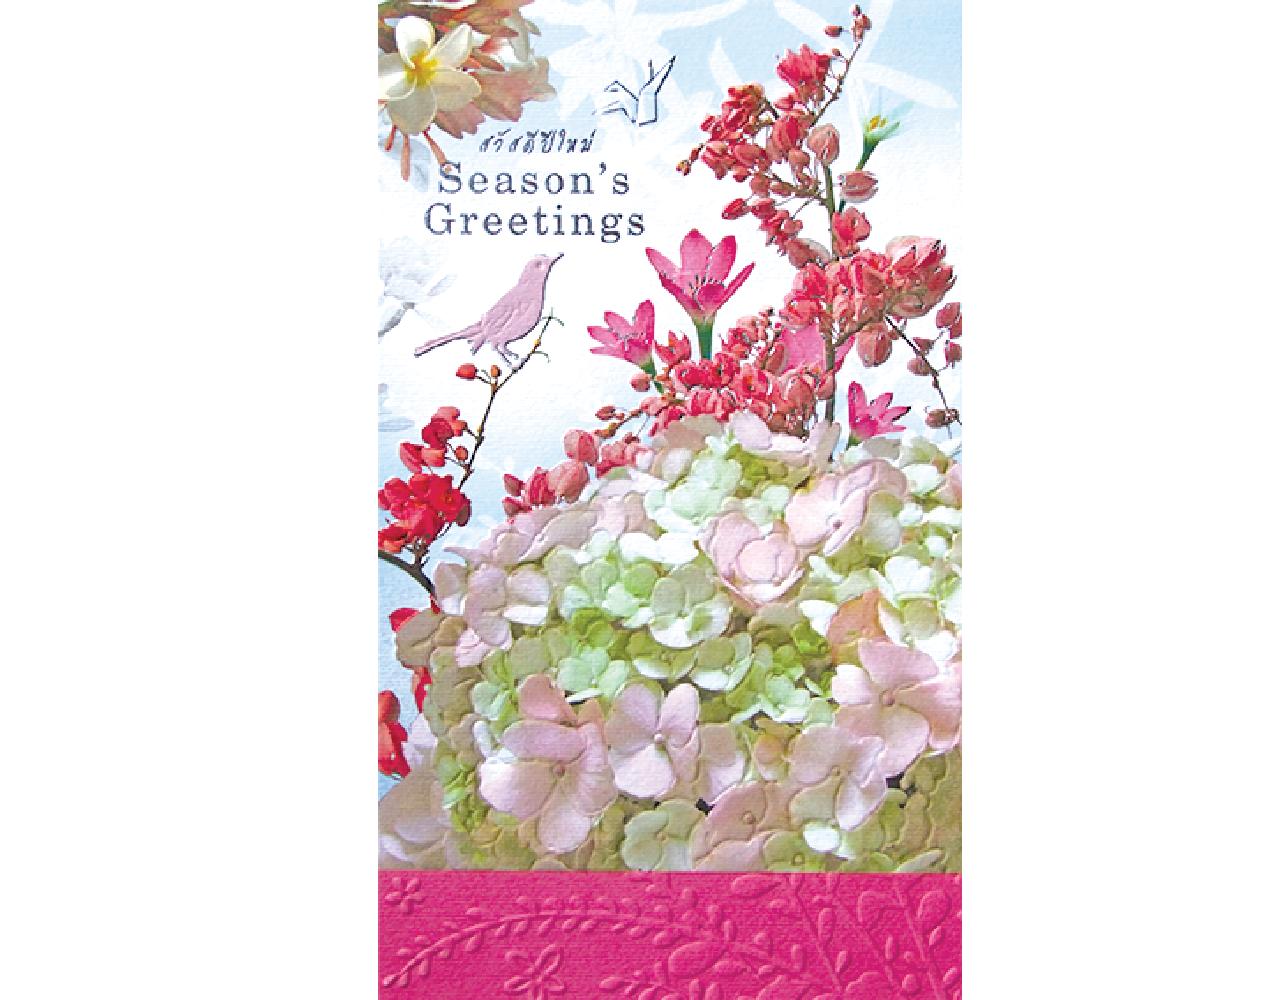 newyear card 8×4 inch P.412 ฿16.00